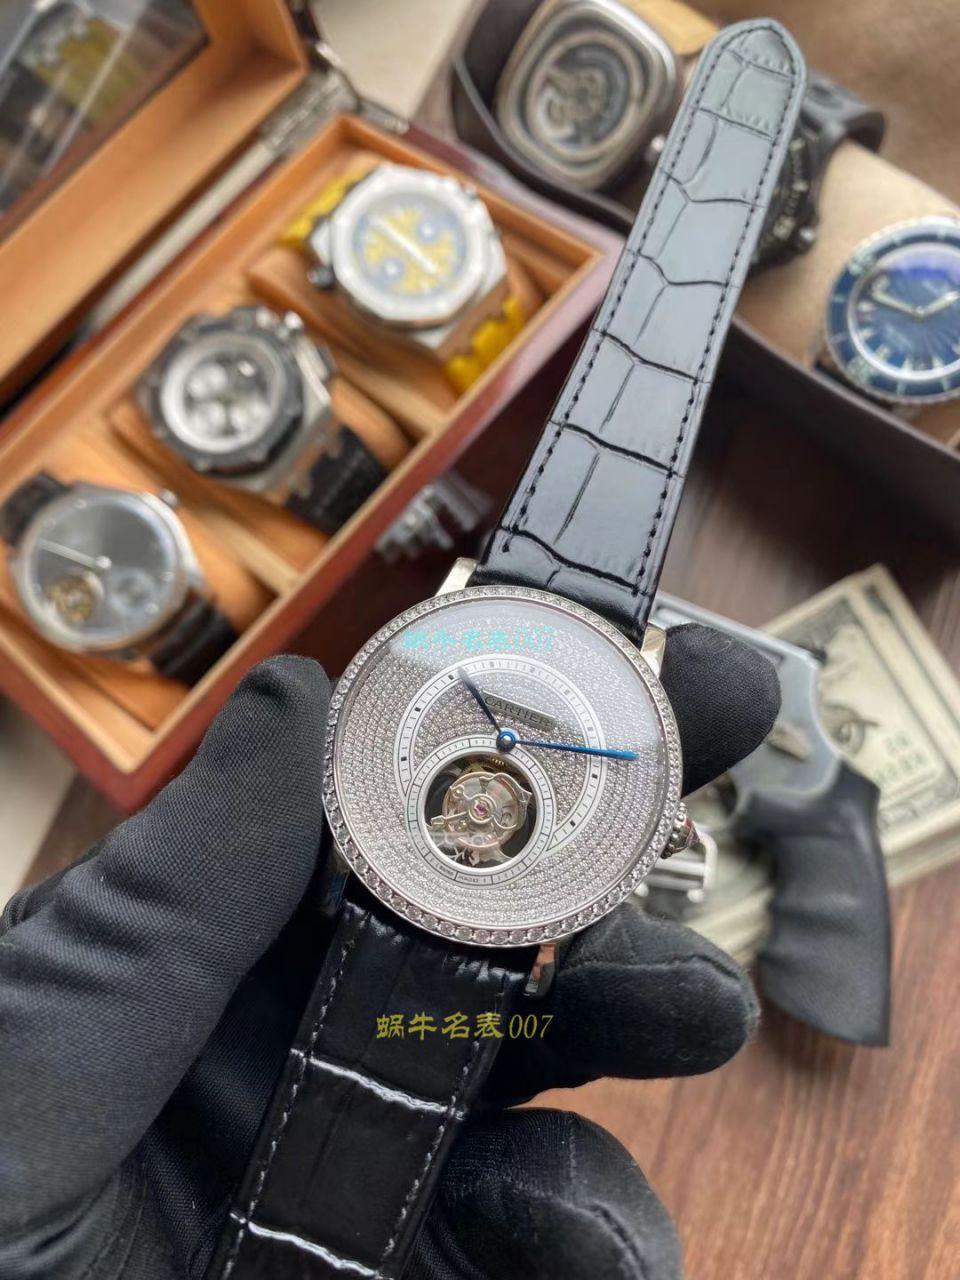 BBR厂卡地亚高级制表陀飞轮1比1复刻手表HPI00592、HPI00593腕表 / K332